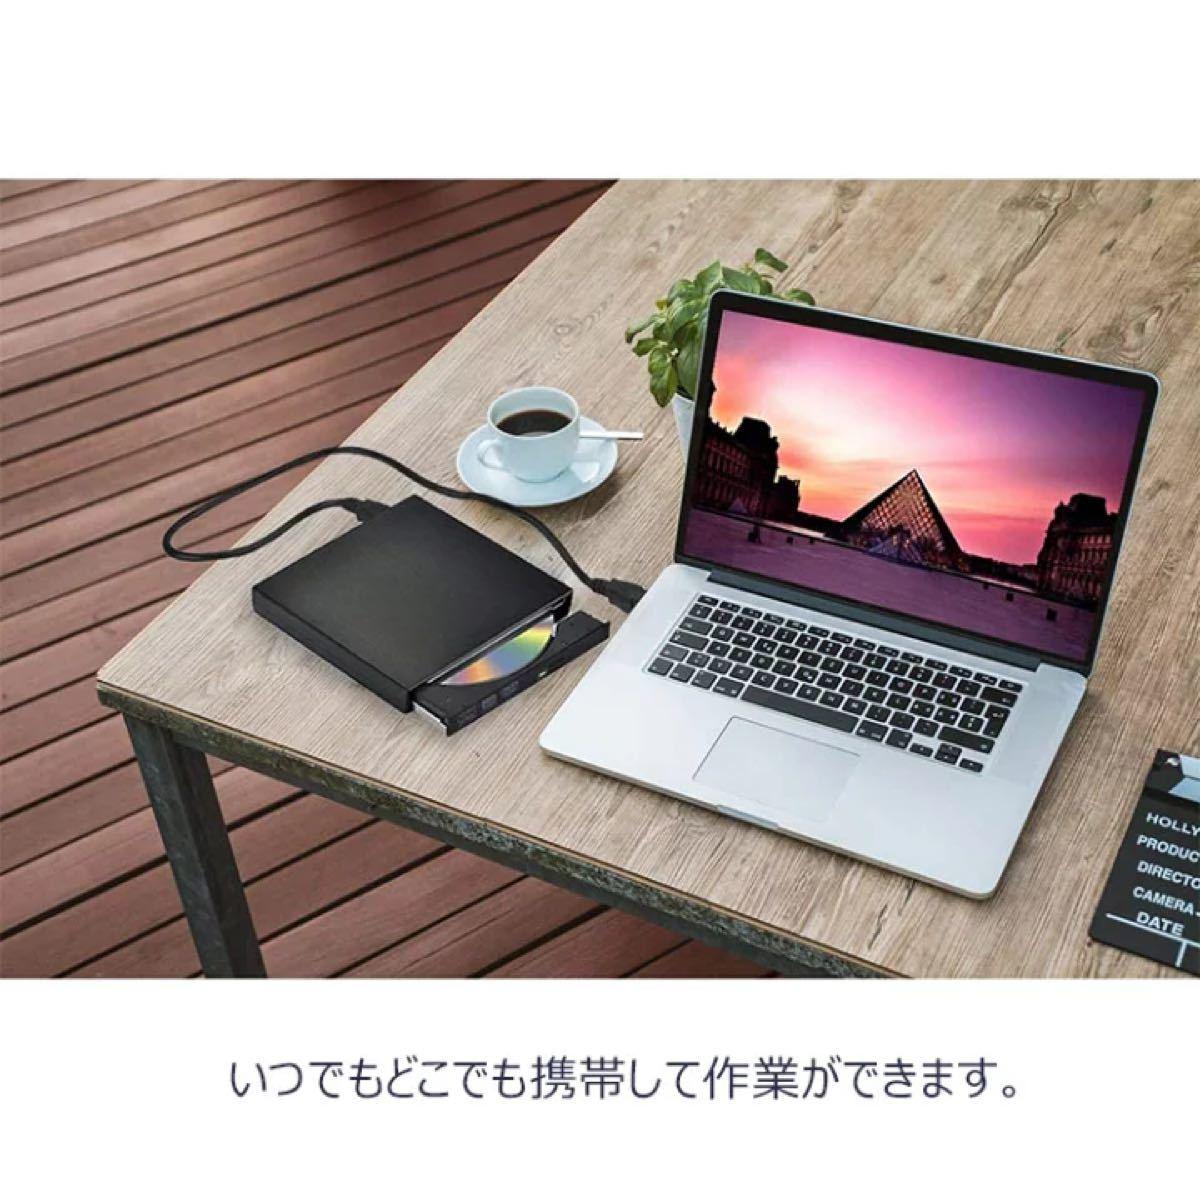 外付け DVD-ROMドライブ USB2.0対応 ポータブルドライブ CD-RW/DVD-R外付けプレイヤー 超薄型